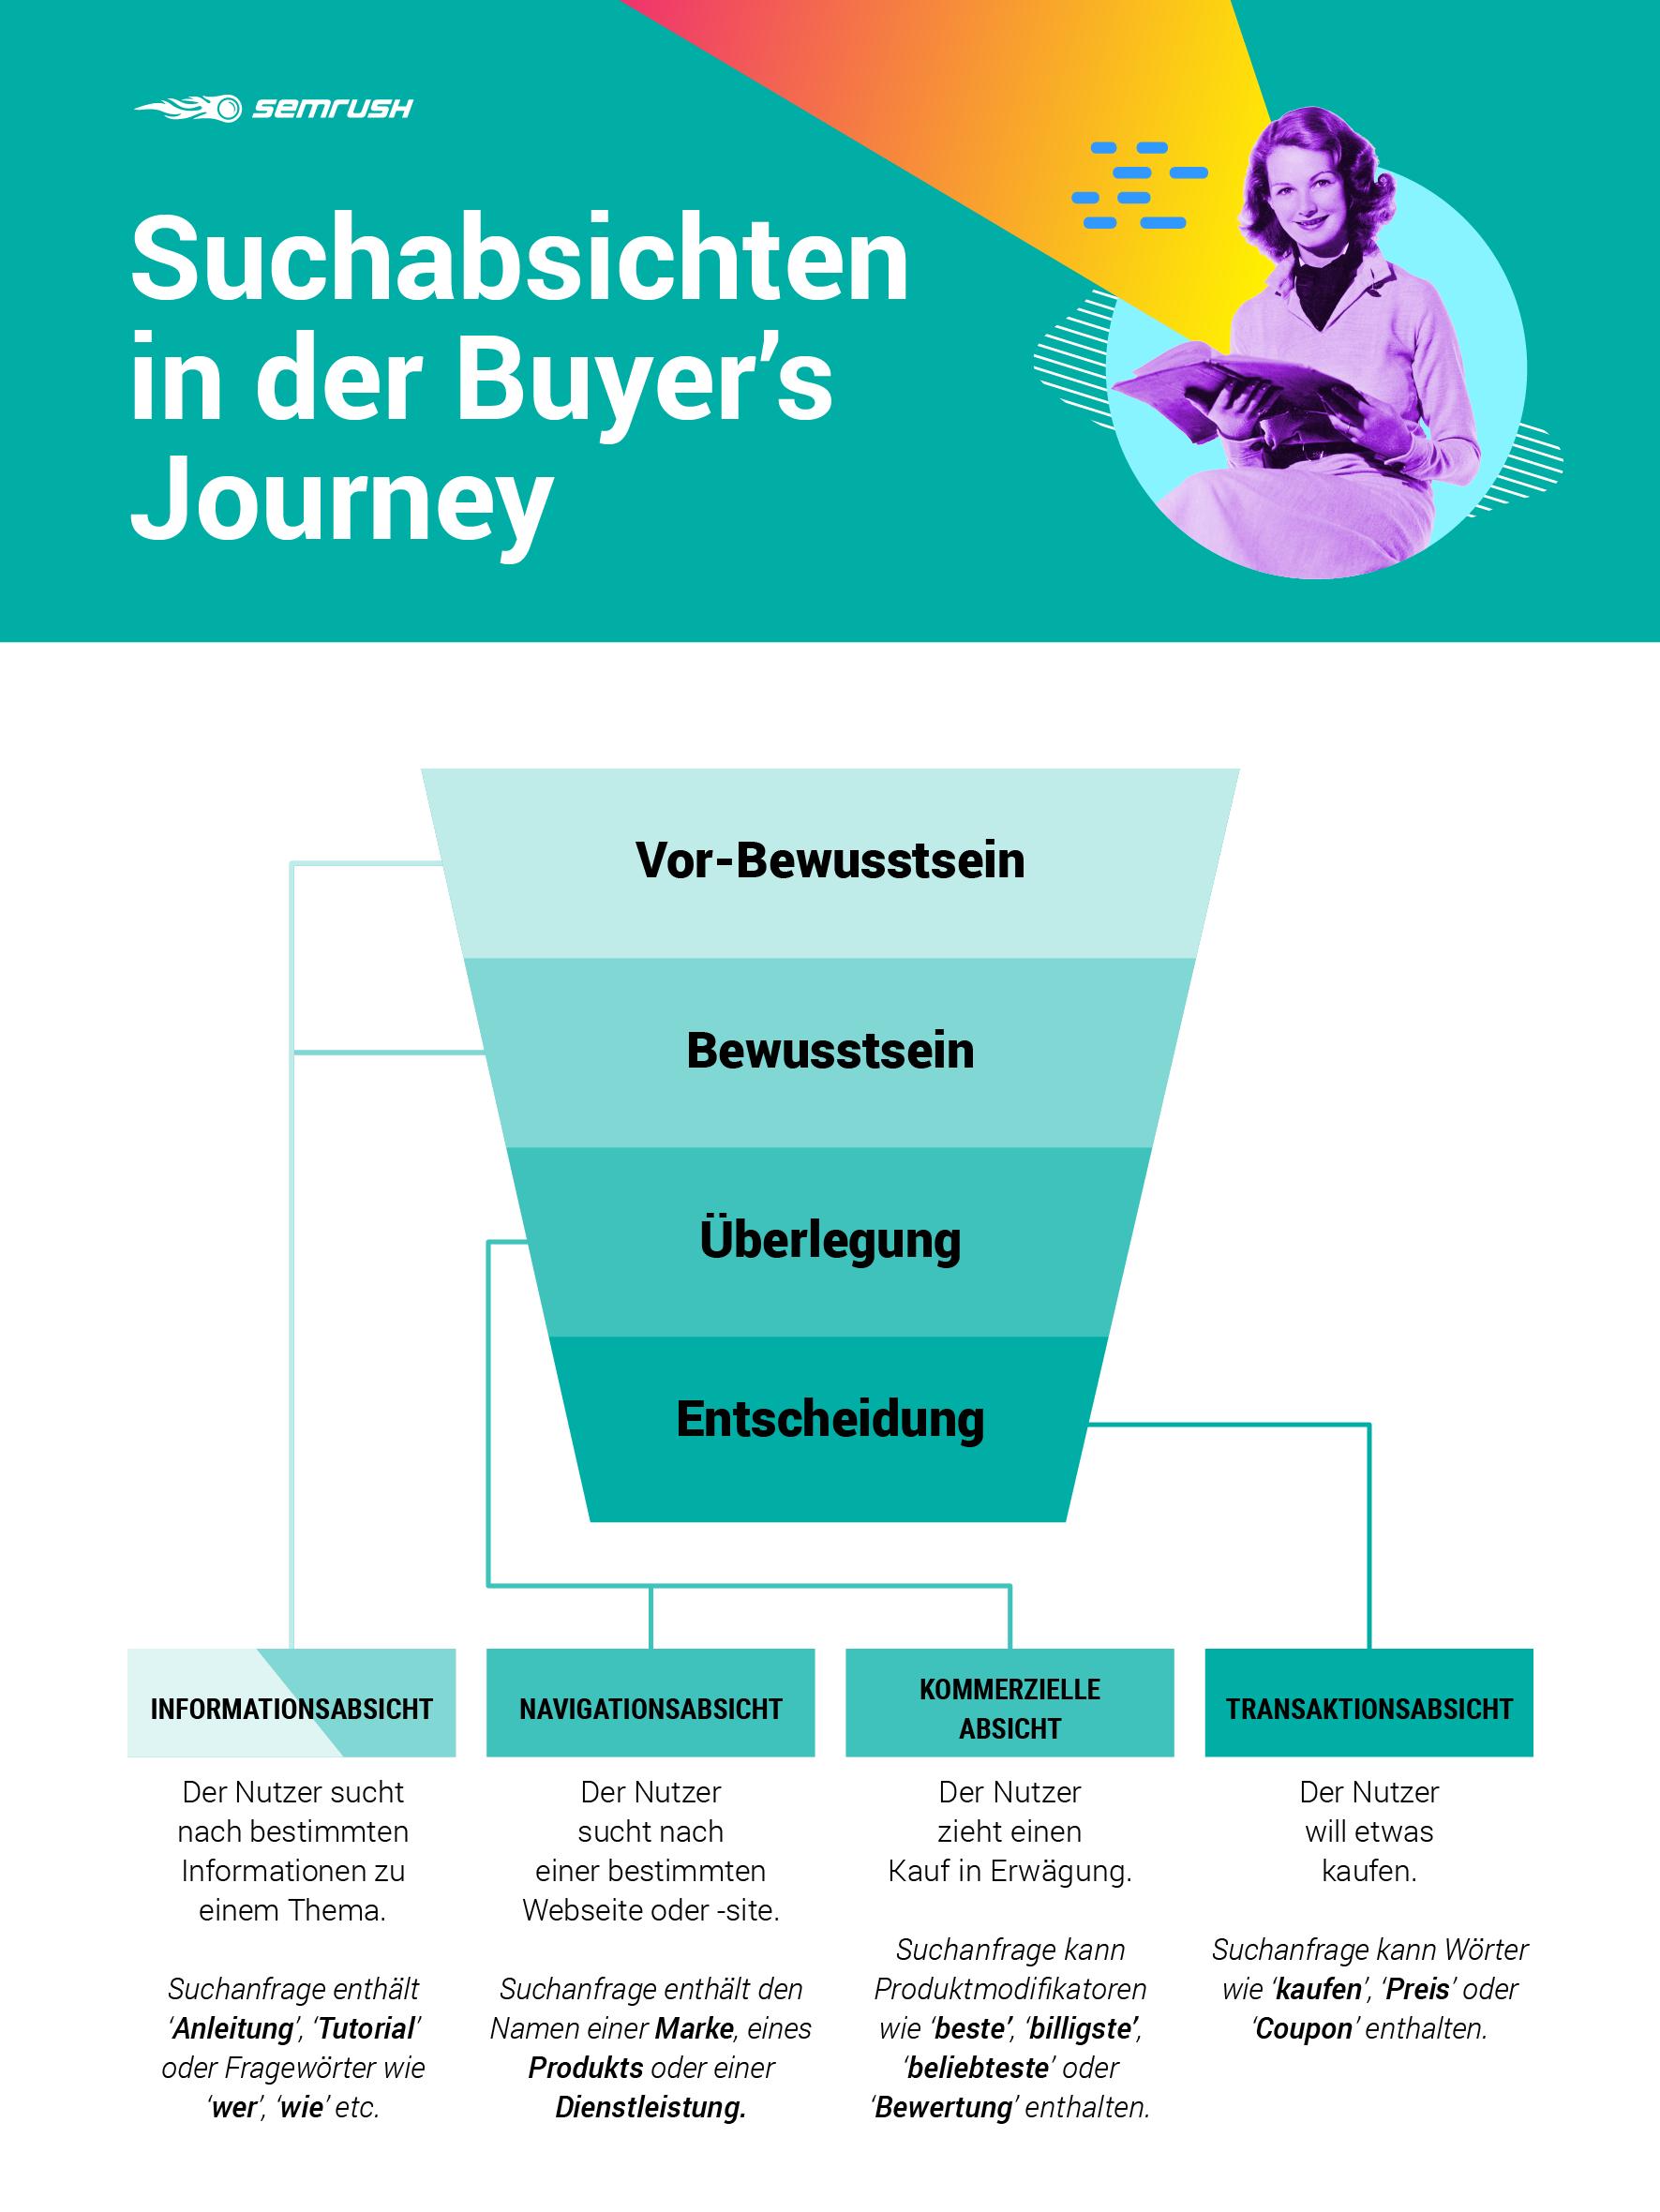 Infografik: Suchabsichten in der Buyer's Journey abbilden